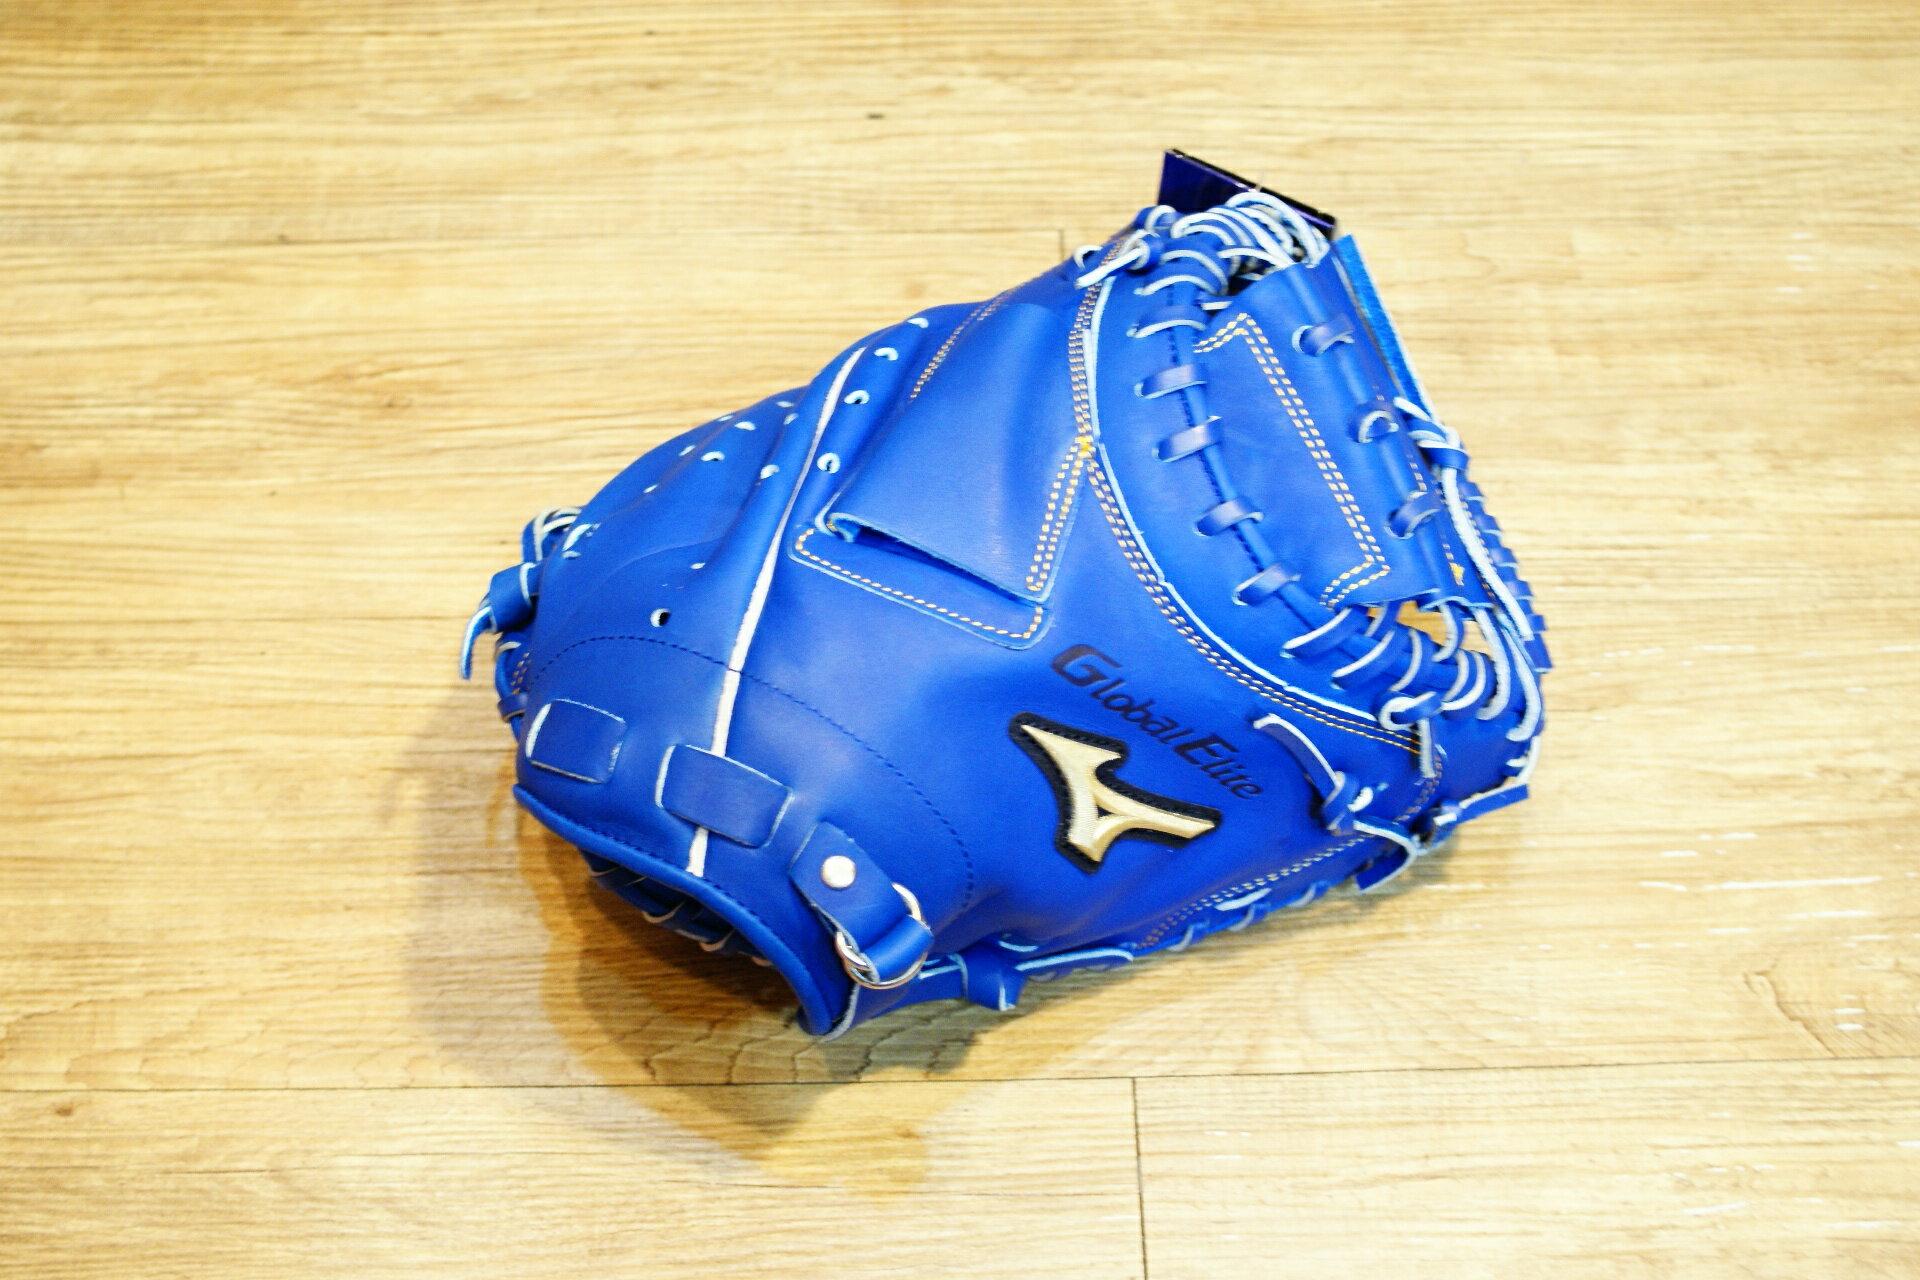 棒球世界 全新 Mizuno美津濃 GLOBAL ELITE 硬式棒球捕手手套 特價 藍色